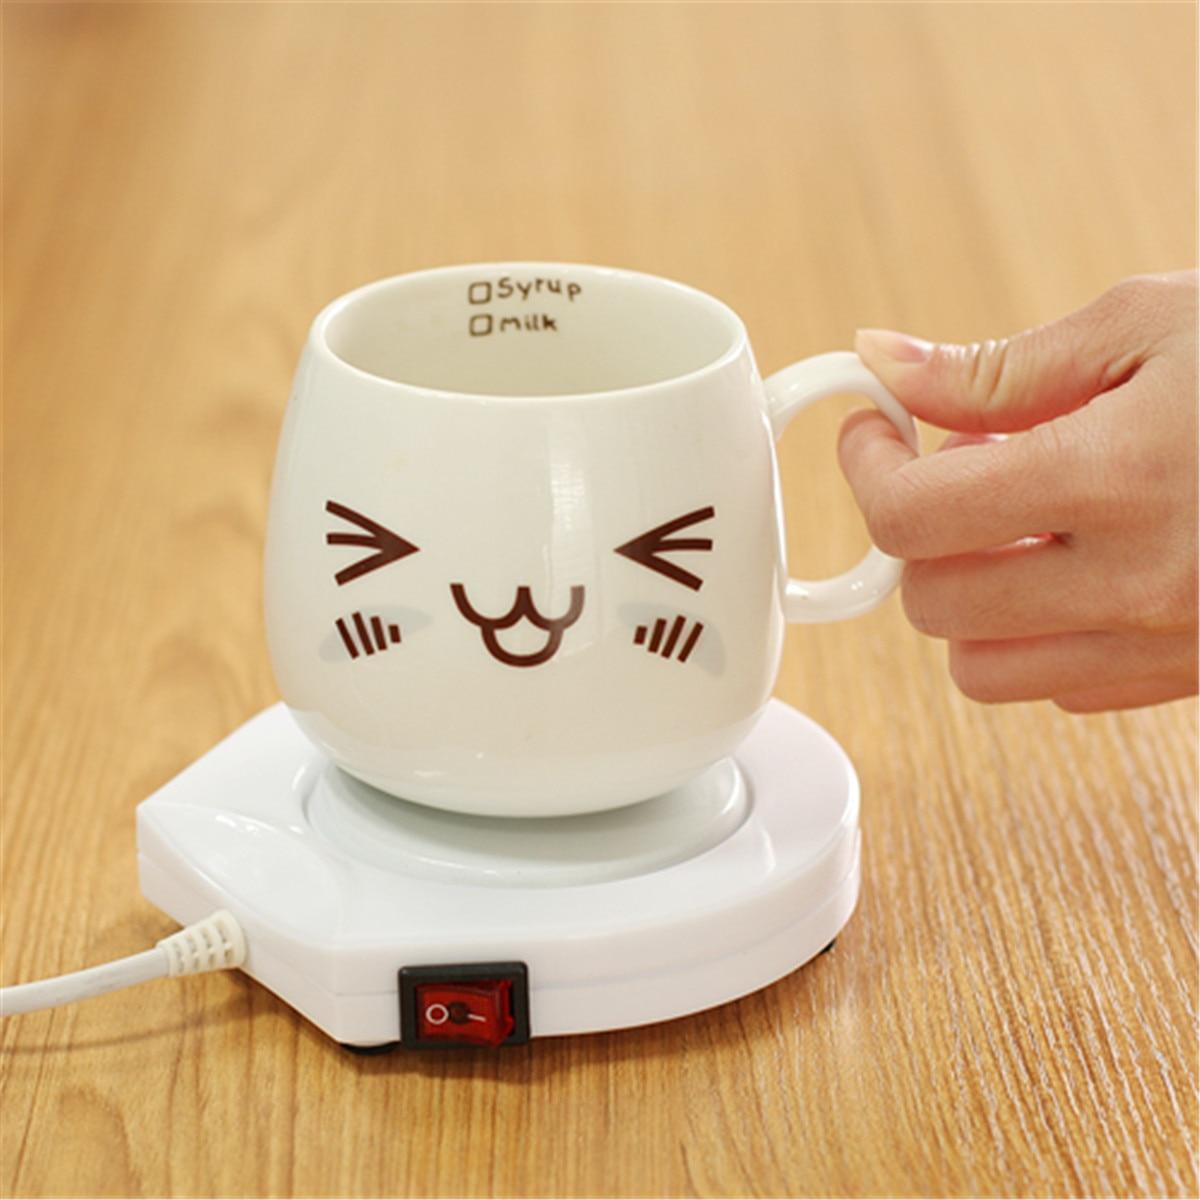 Грелка для нагревателя с электрическим питанием, 220 В, белая электрическая чашка с питанием, грелка для нагревателя, коврик для кофе, чая, мол...